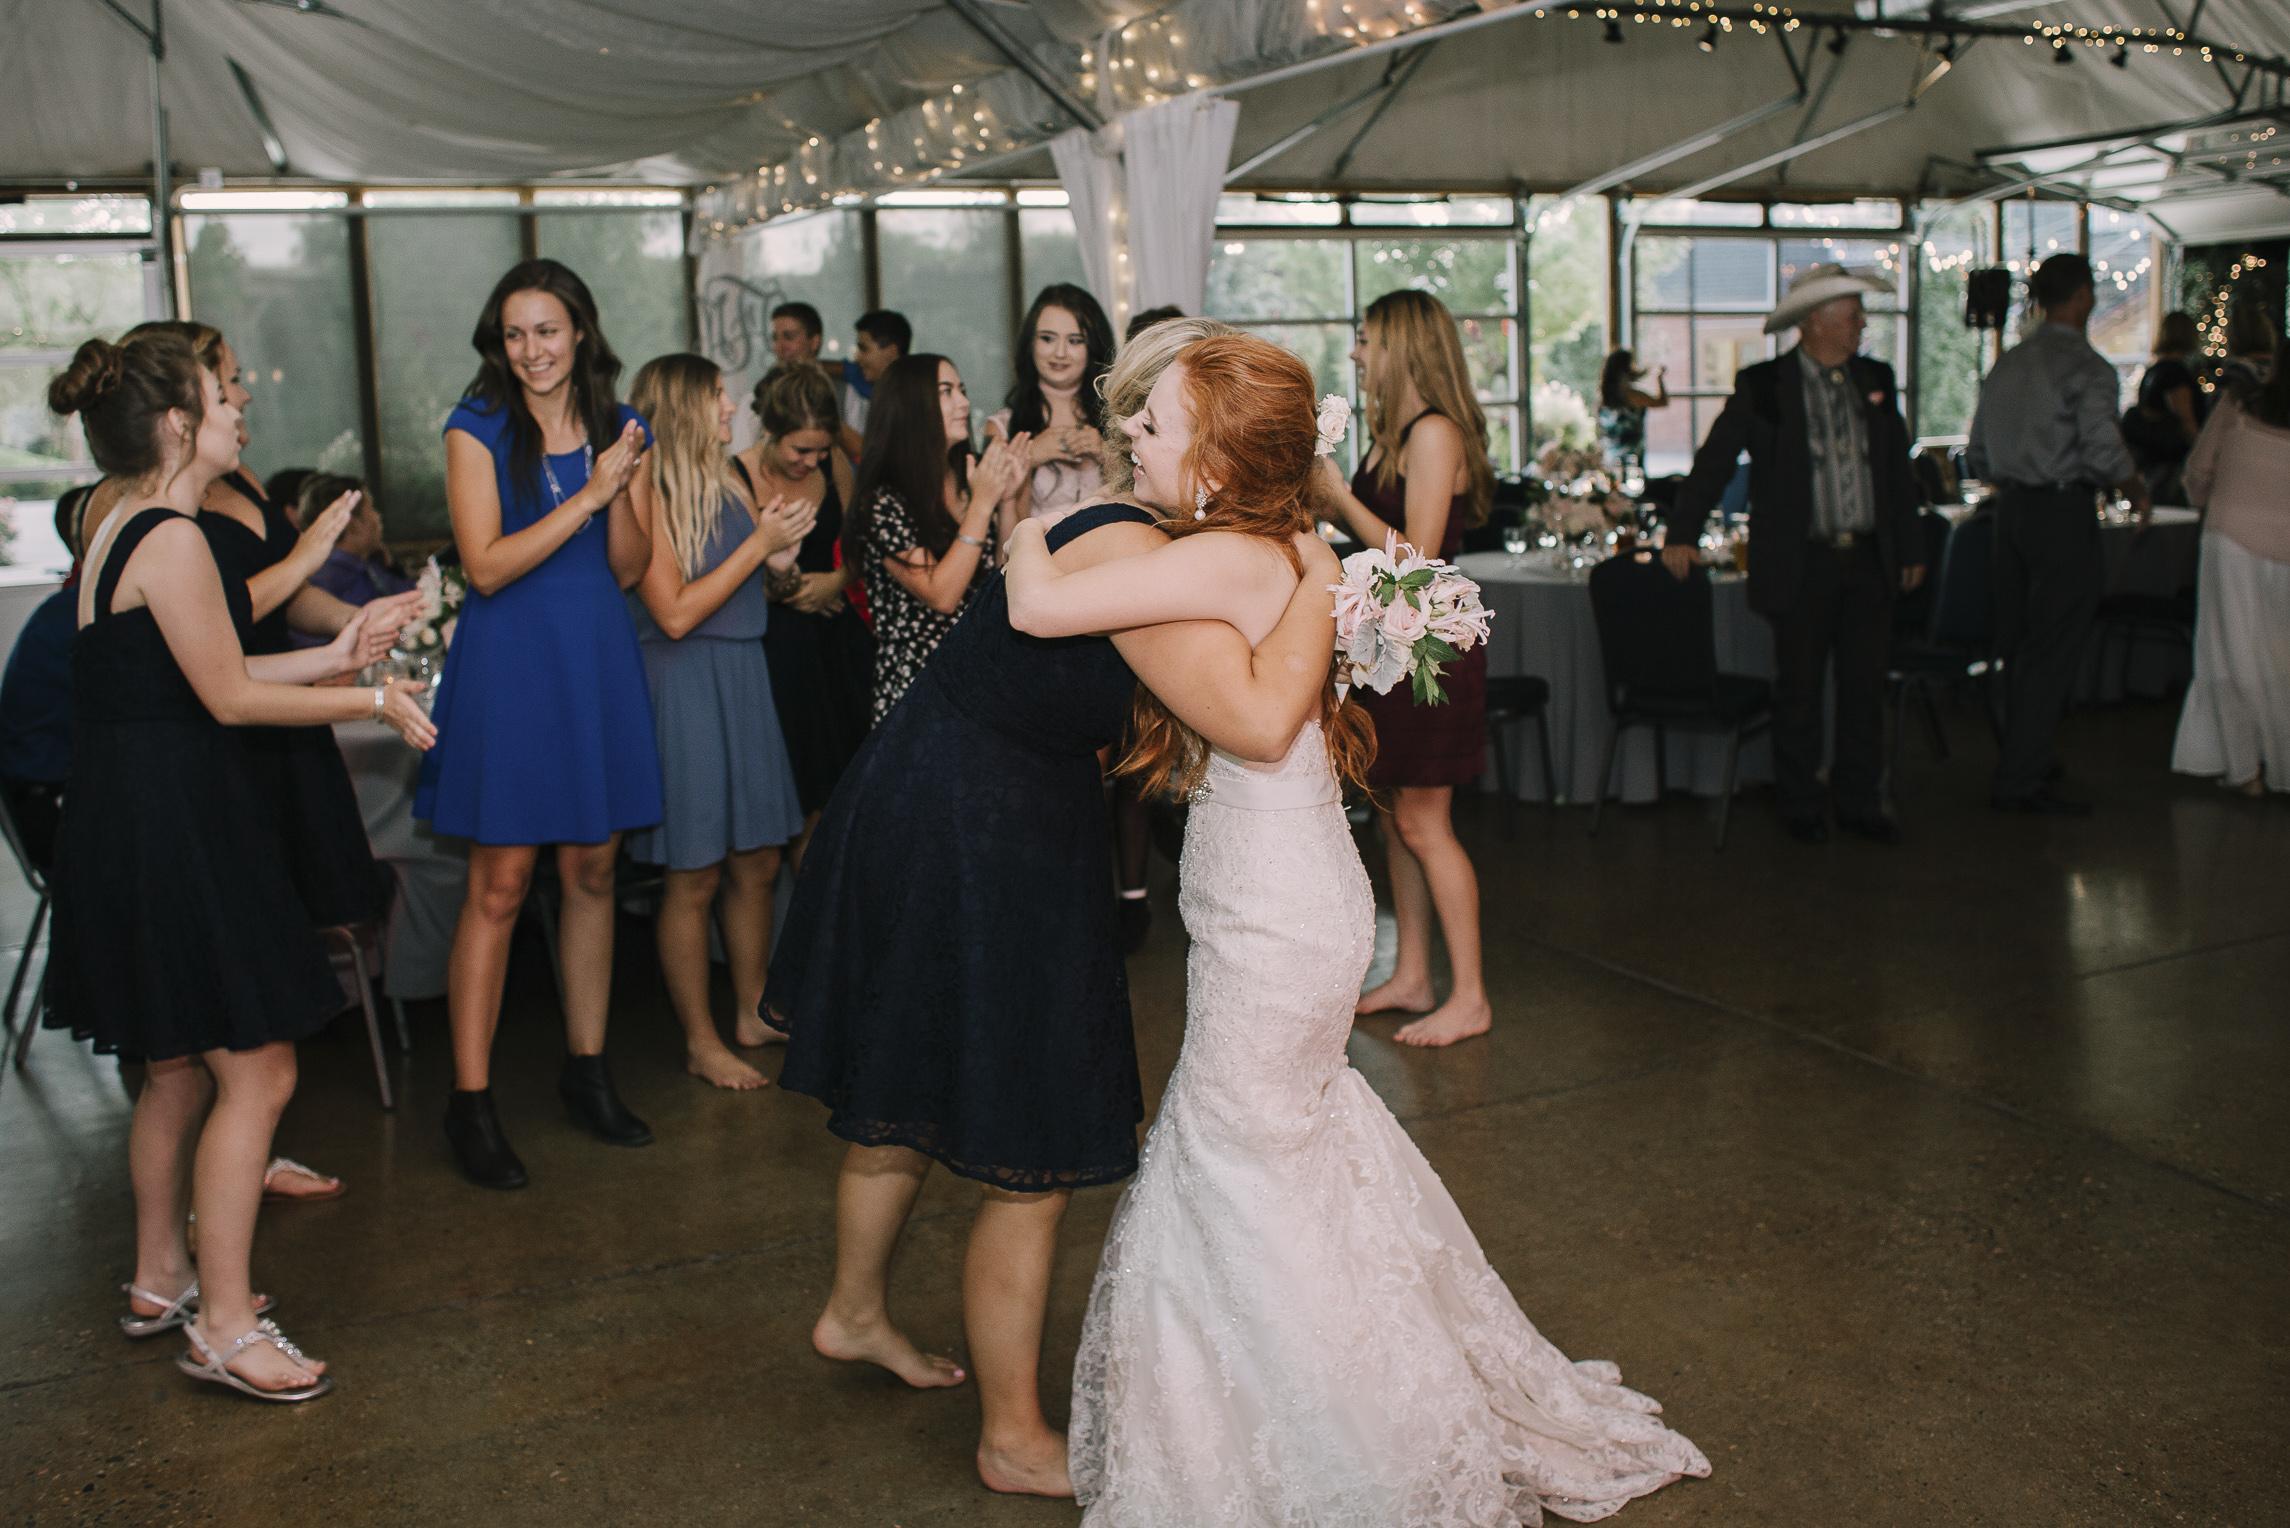 web sized images -- no to print --CALVIN & MCKYLEY WEDDING PHOTOS - COLORADO PHOTOGRAPHER - DEBI RAE PHOTOGRAPHY-2370.jpg